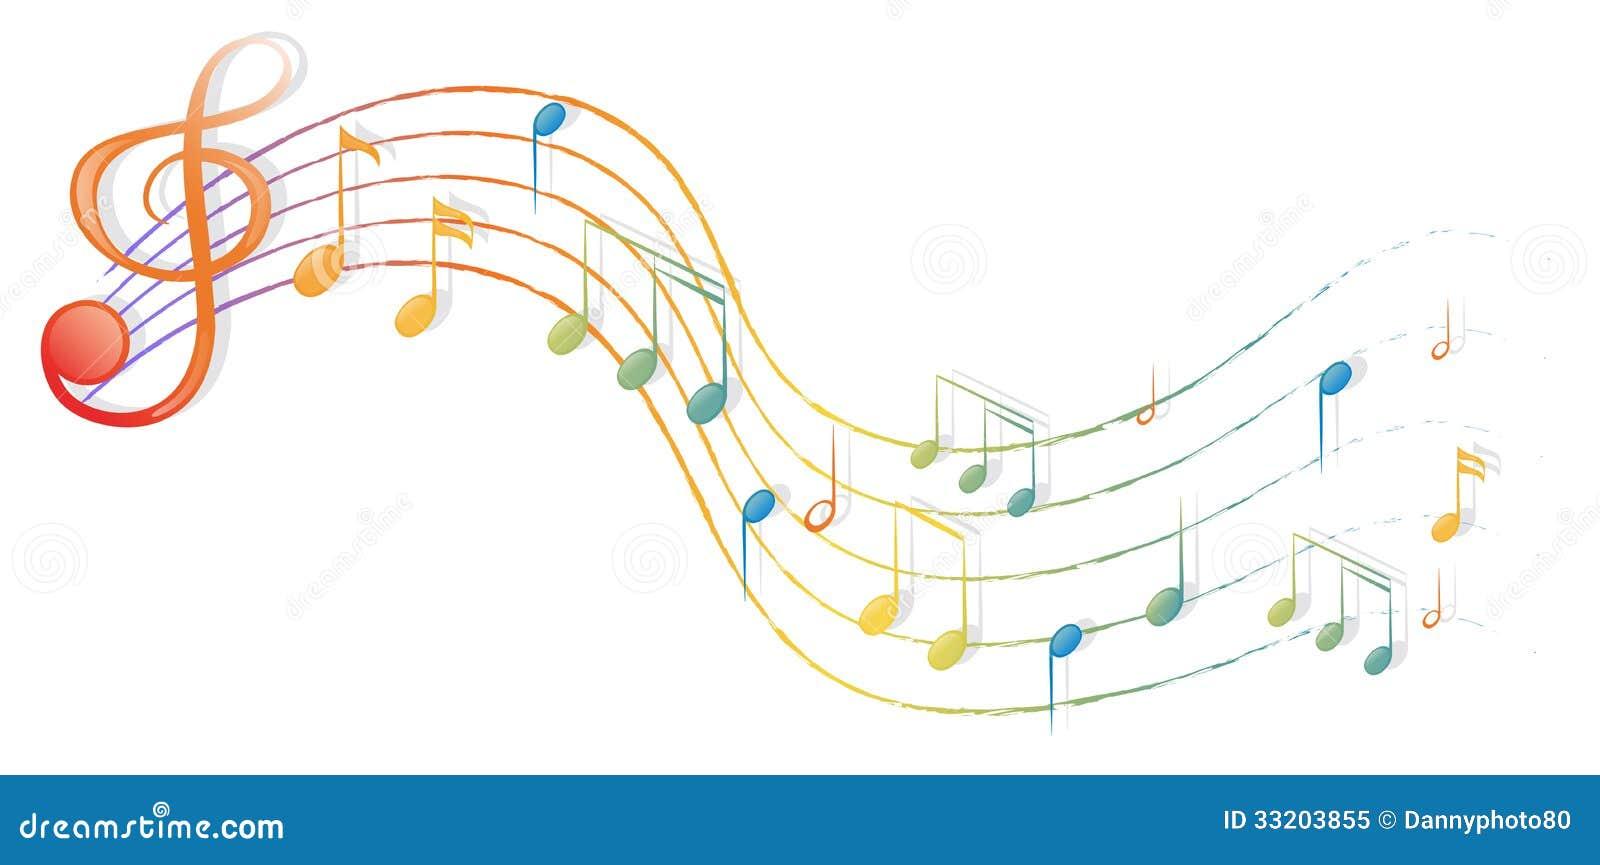 die musikalischen anmerkungen und der g notenschl ssel stock abbildung illustration von. Black Bedroom Furniture Sets. Home Design Ideas